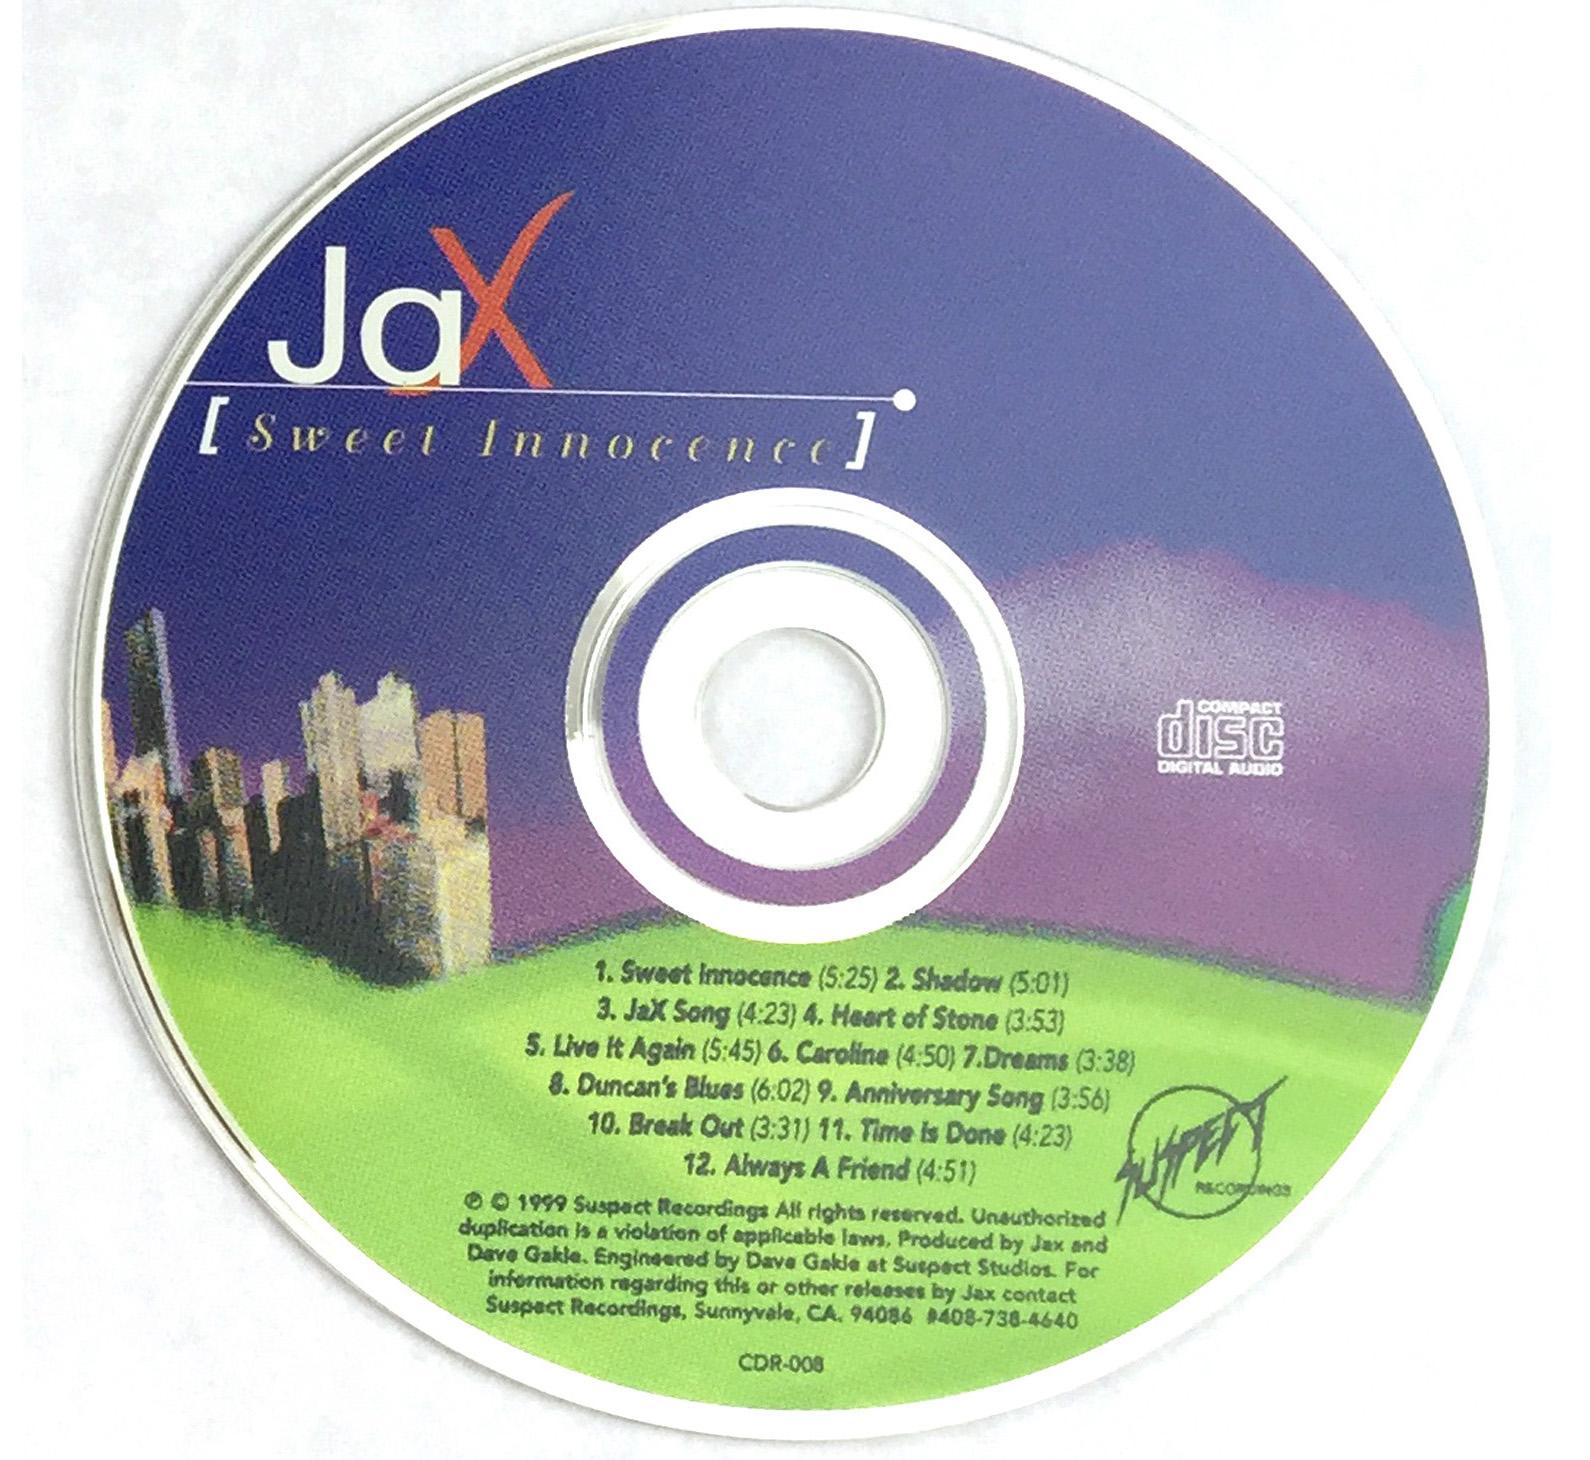 Jax cd cir.jpg